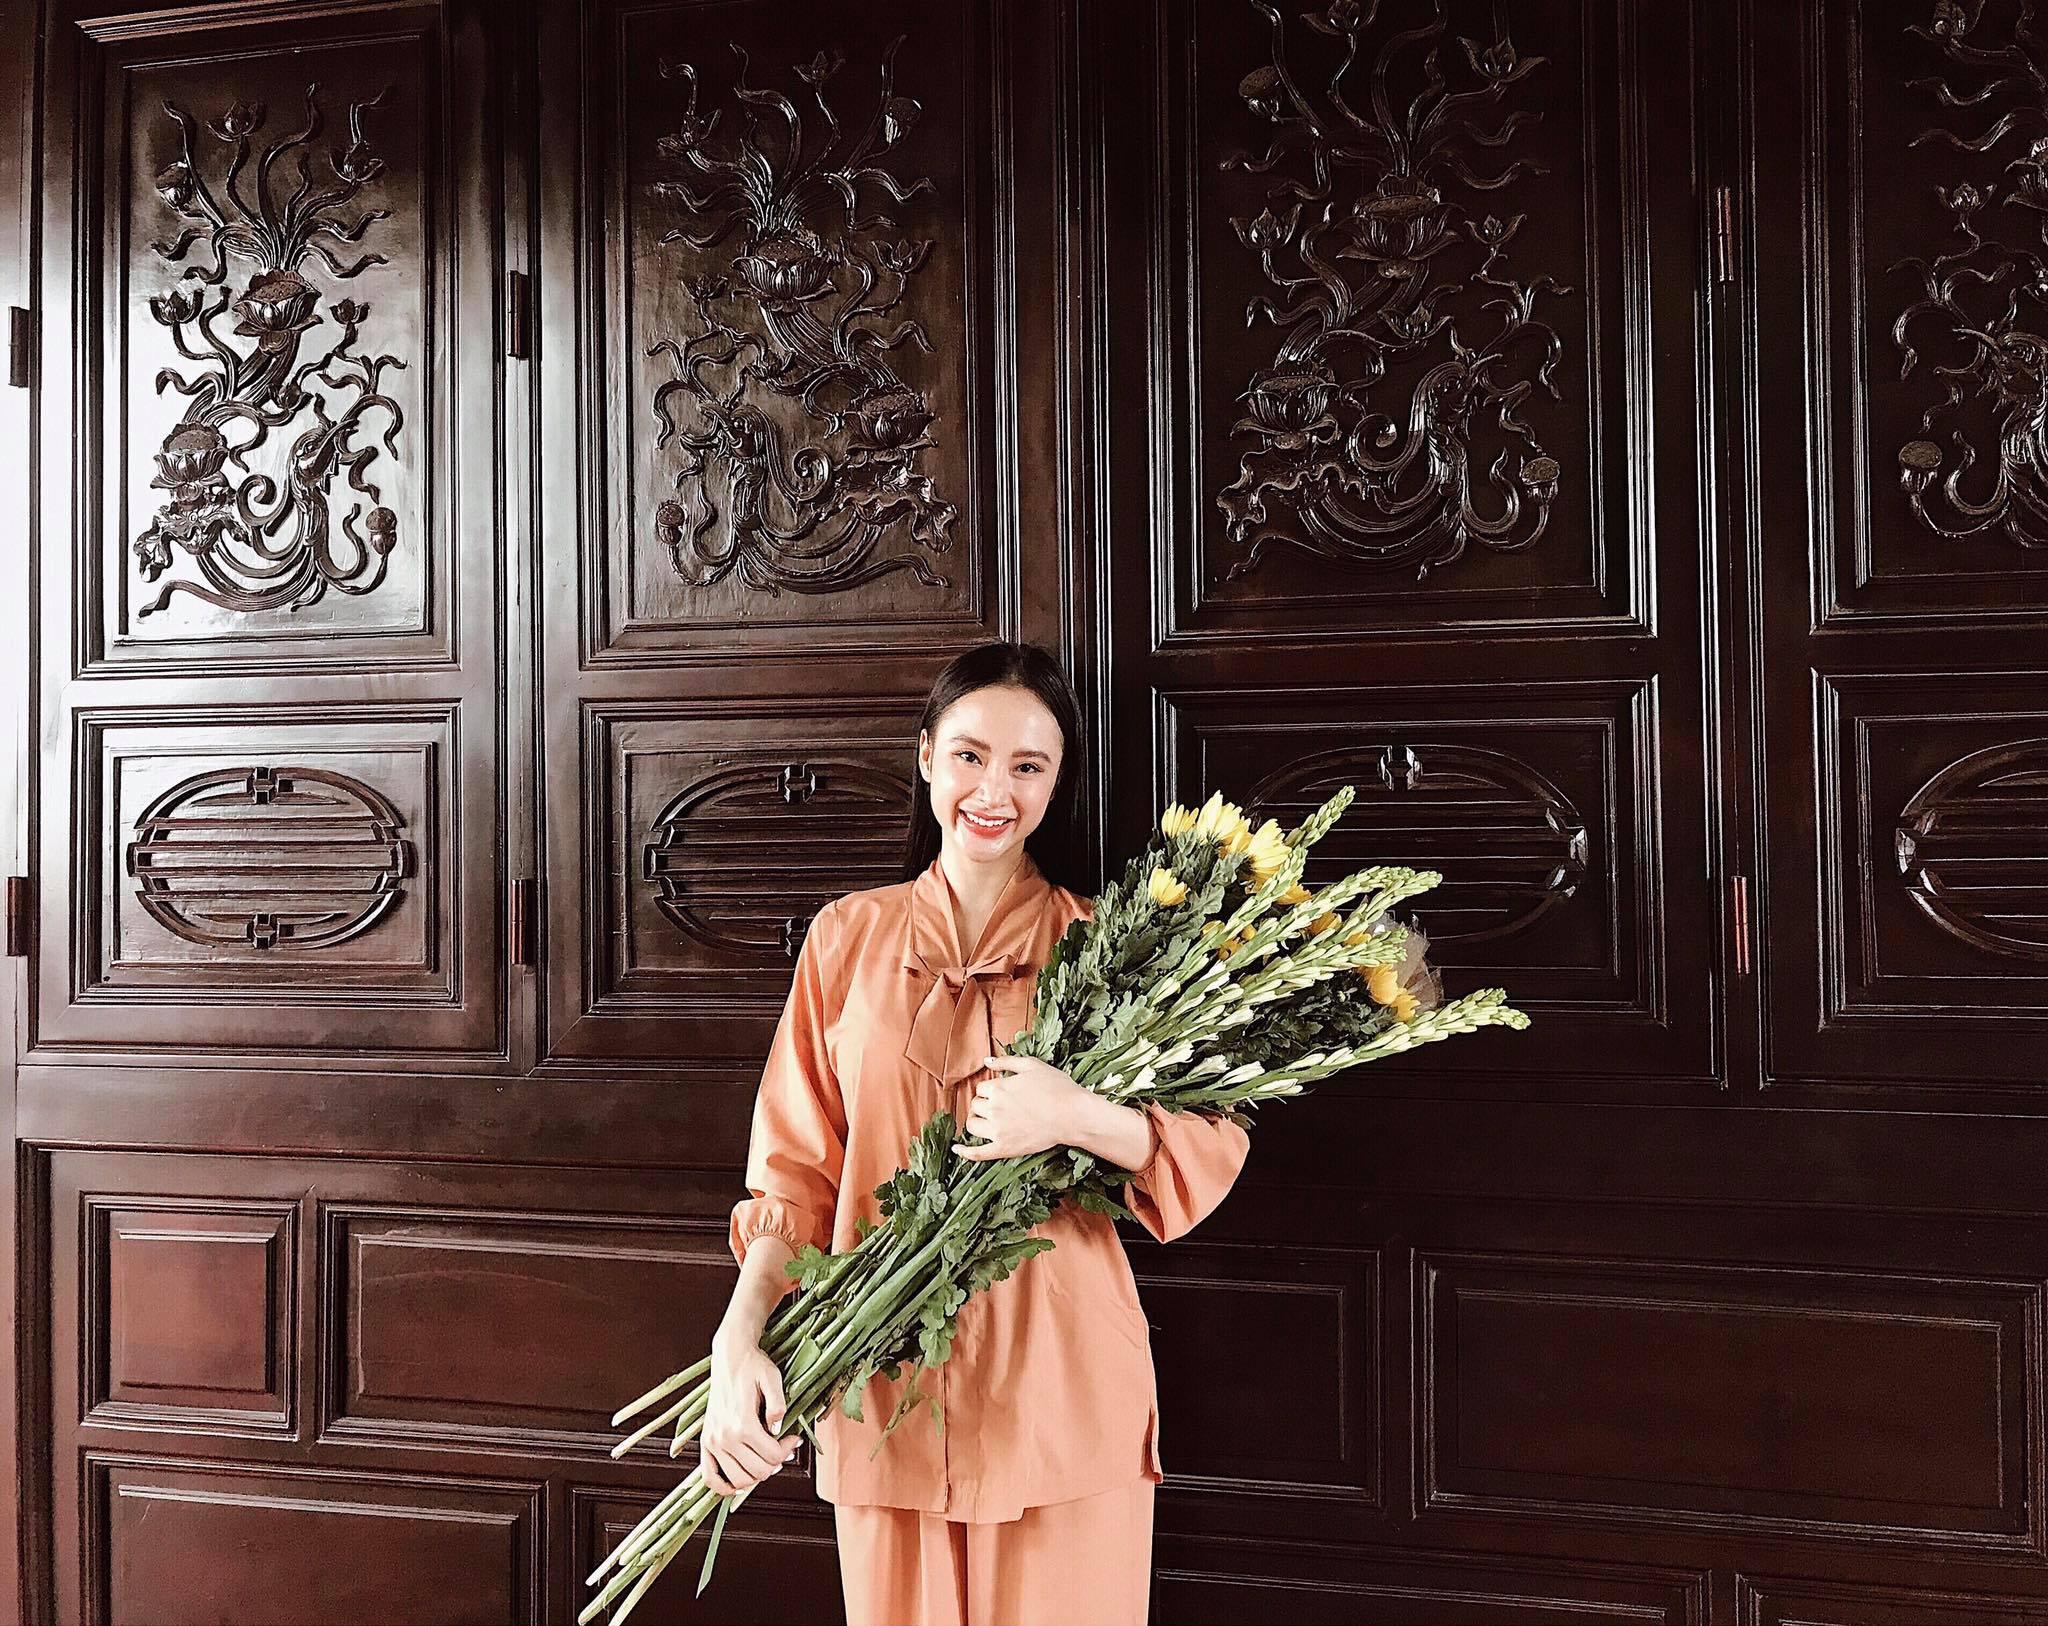 Tin sao Việt 5/9: Ngã bổ chửng giữa cổng đài truyền hình, Á hậu Tú Anh lo mình ế chồng vì tính hậu đậu-4